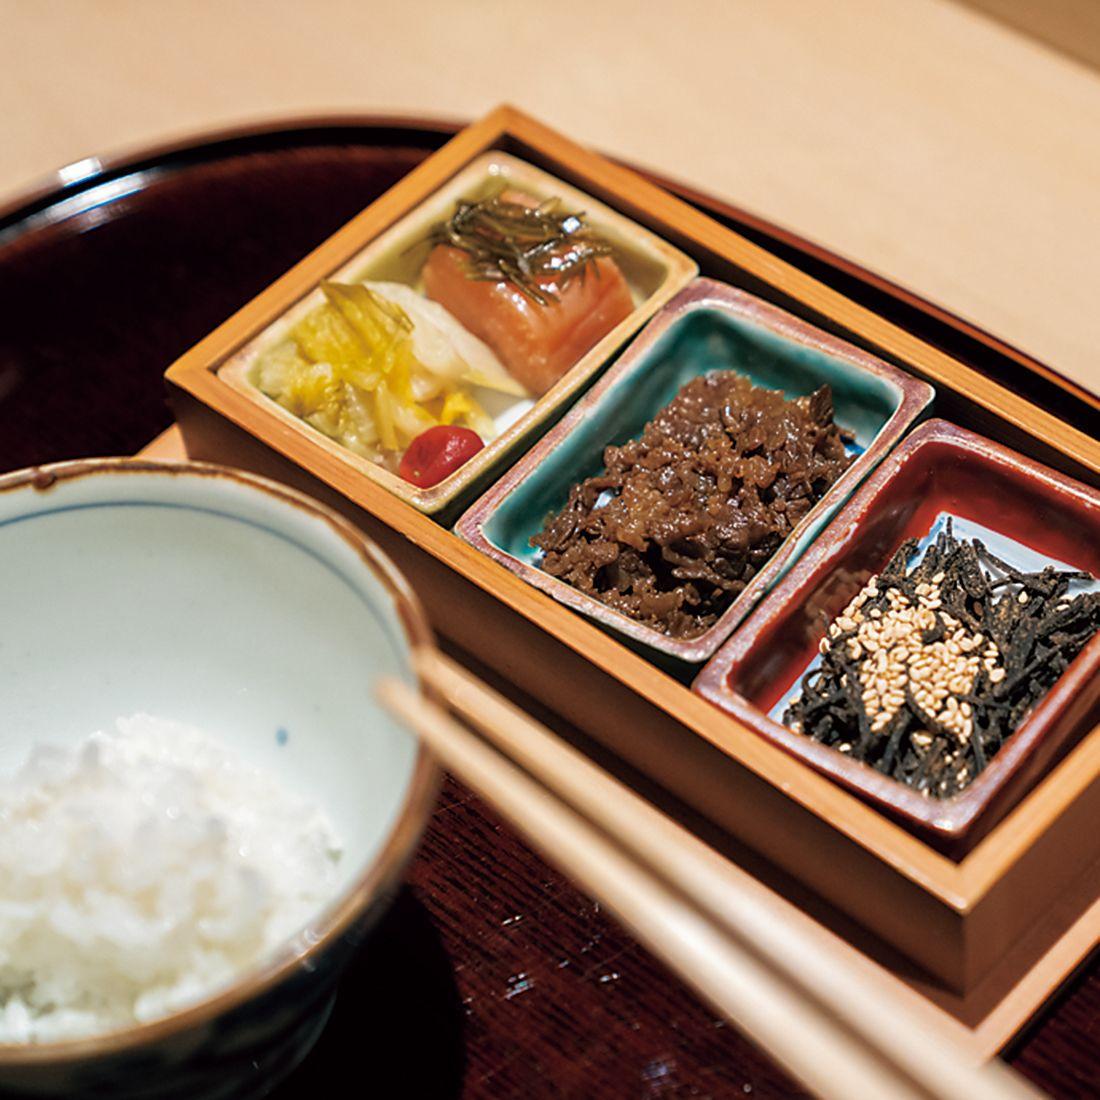 精米したての米を土鍋で仕上げ、自家製の明太子や最初にダシをとった鰹節と一緒に。